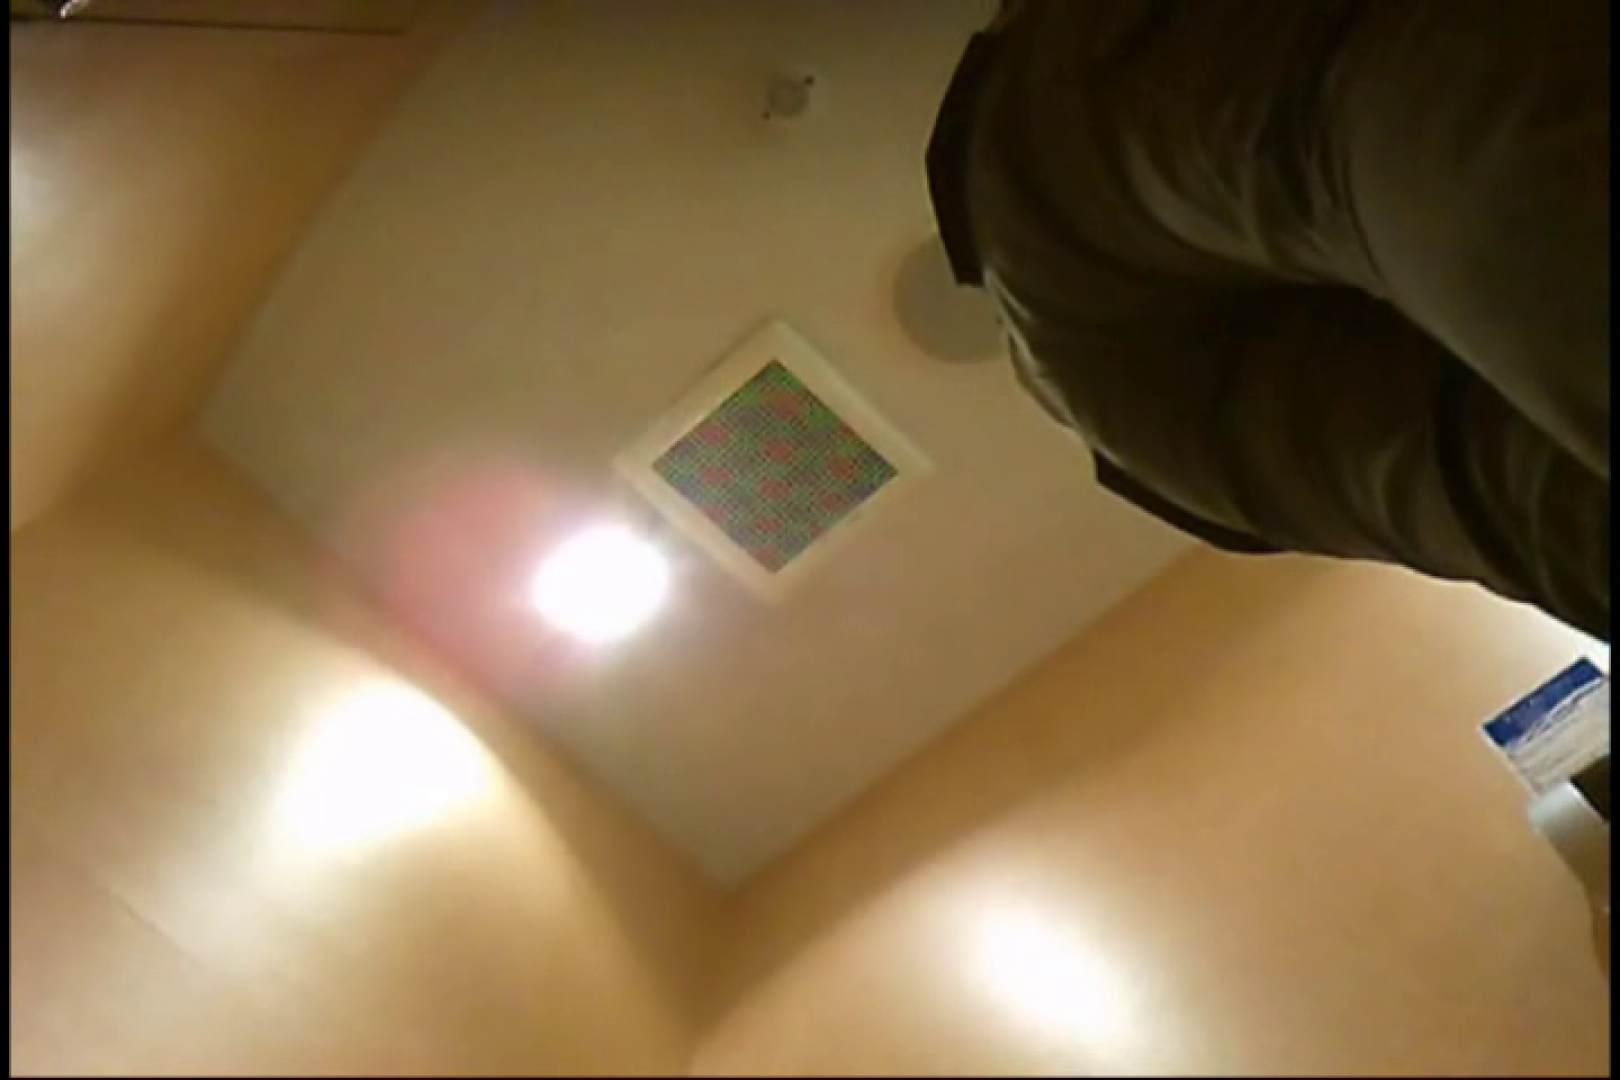 画質向上!新亀さん厠 vol.83 潜入 AV無料動画キャプチャ 94PIX 77